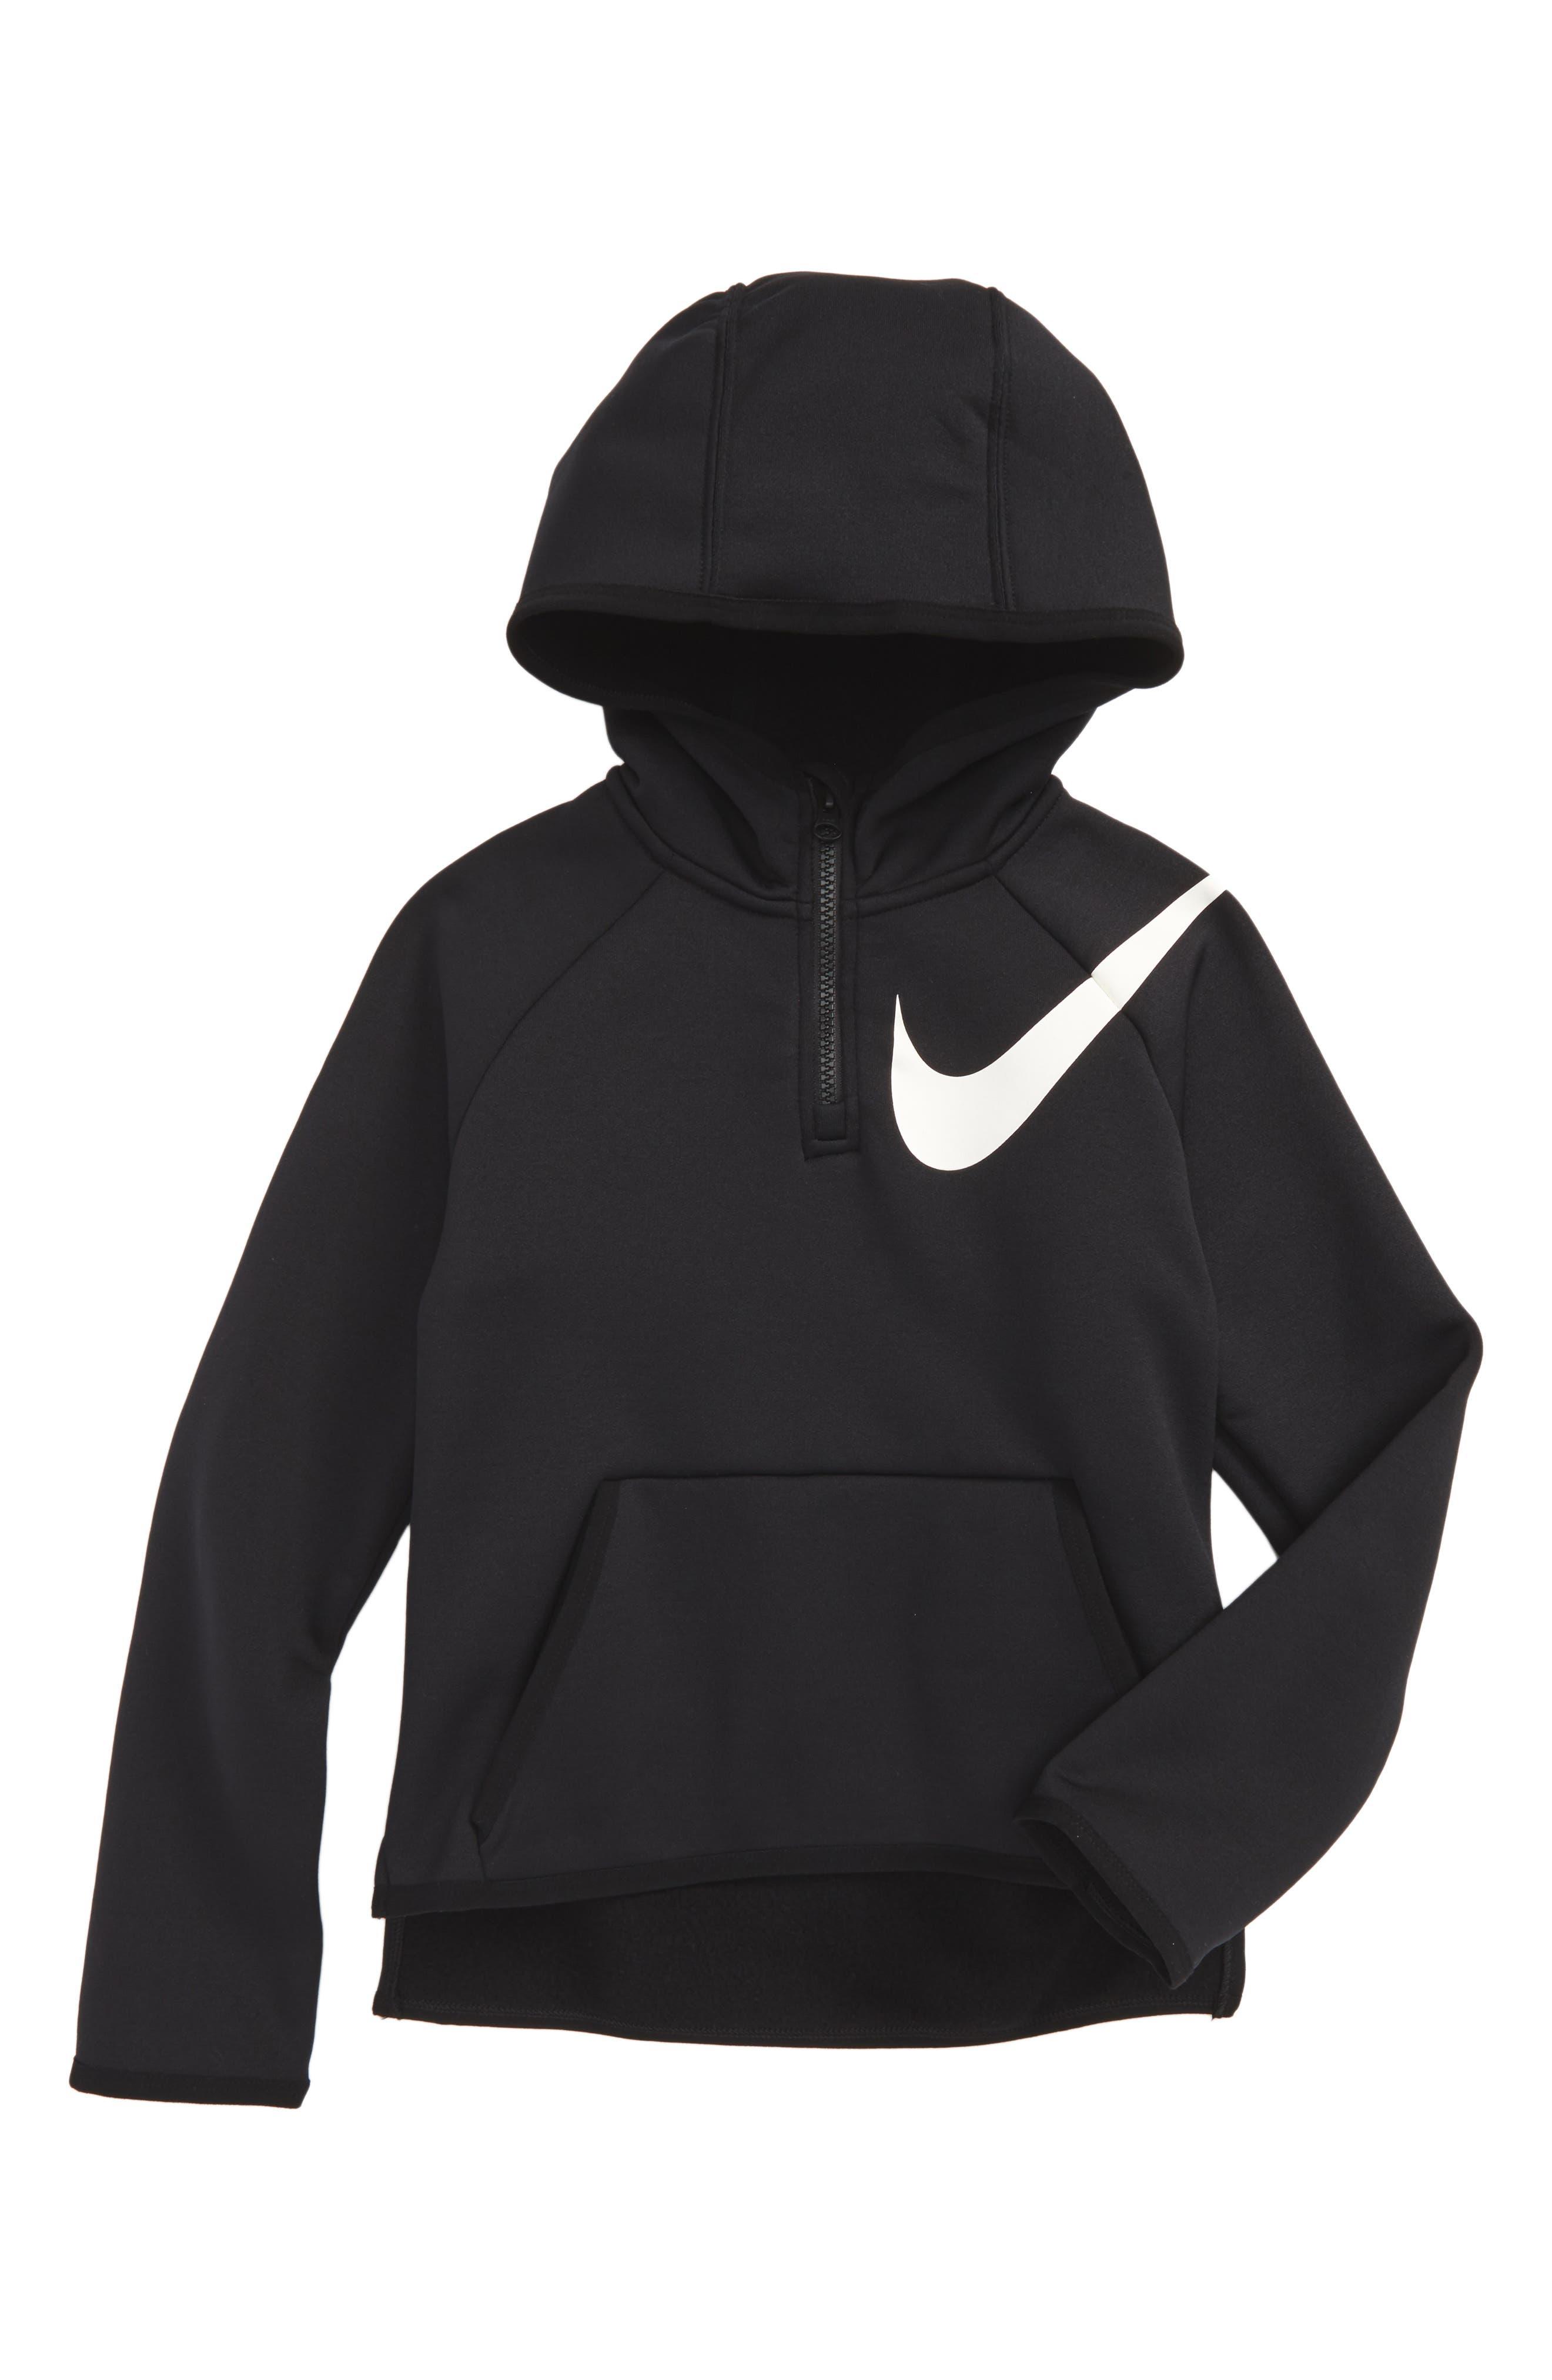 Main Image - Nike Therma-FIT Half Zip Hoodie (Big Girls)